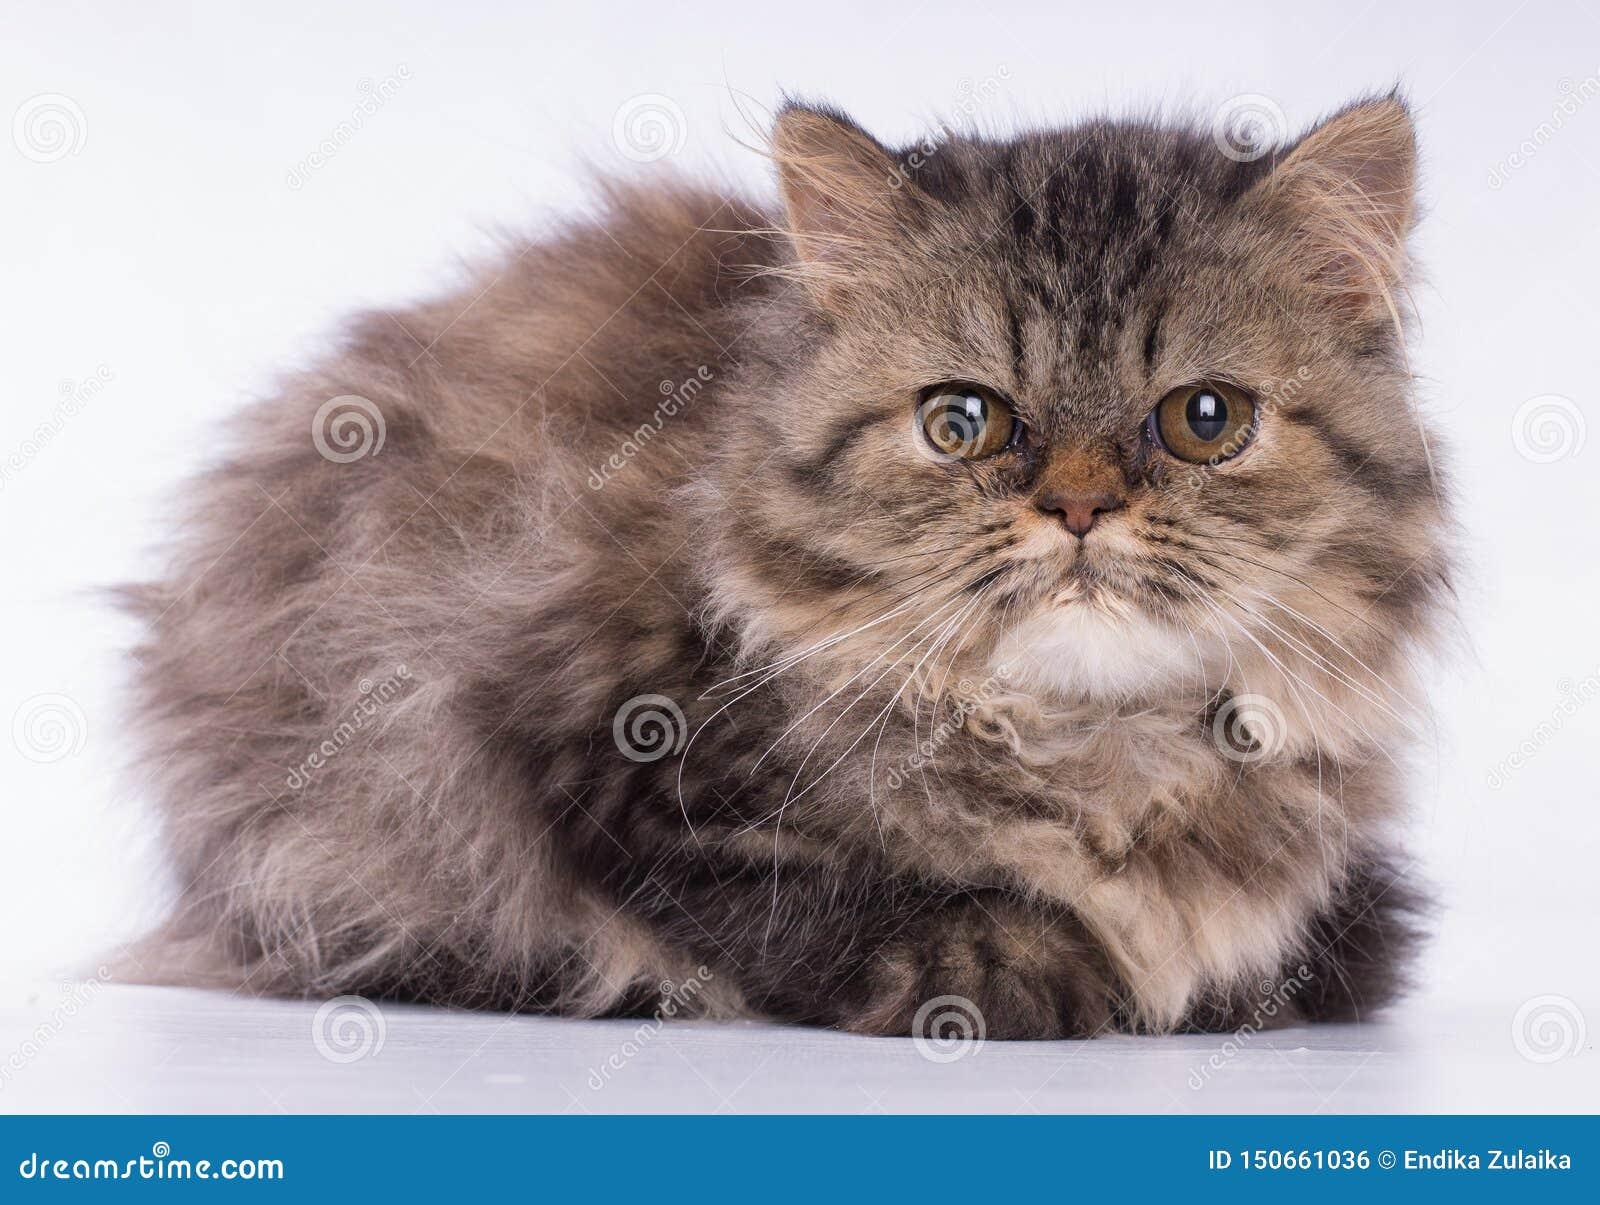 Gato marrón persa que mira la cámara aislada en el fondo blanco